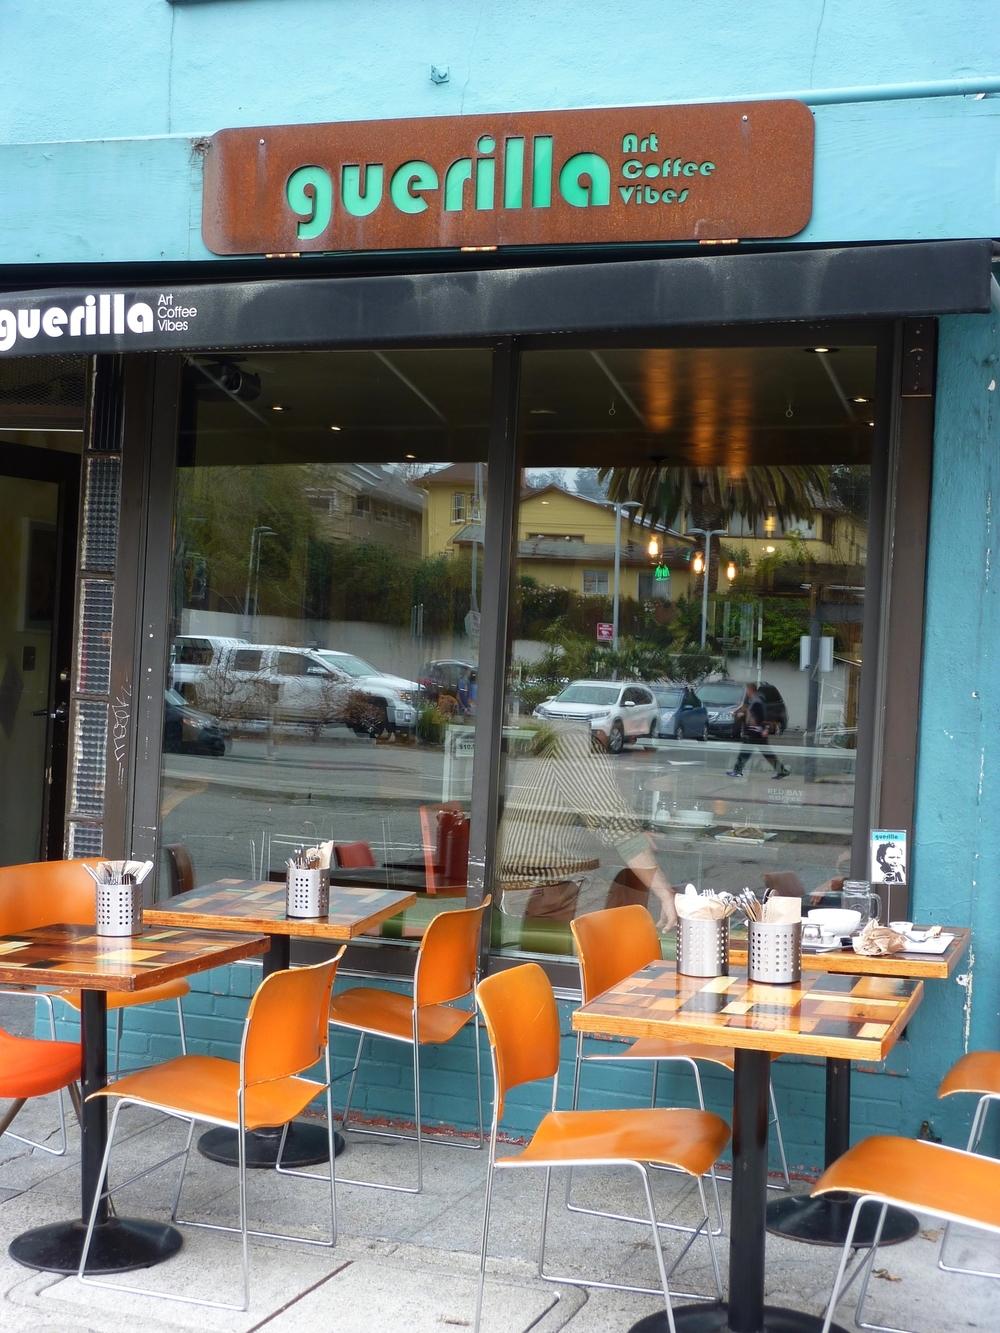 GUERILLA CAFE